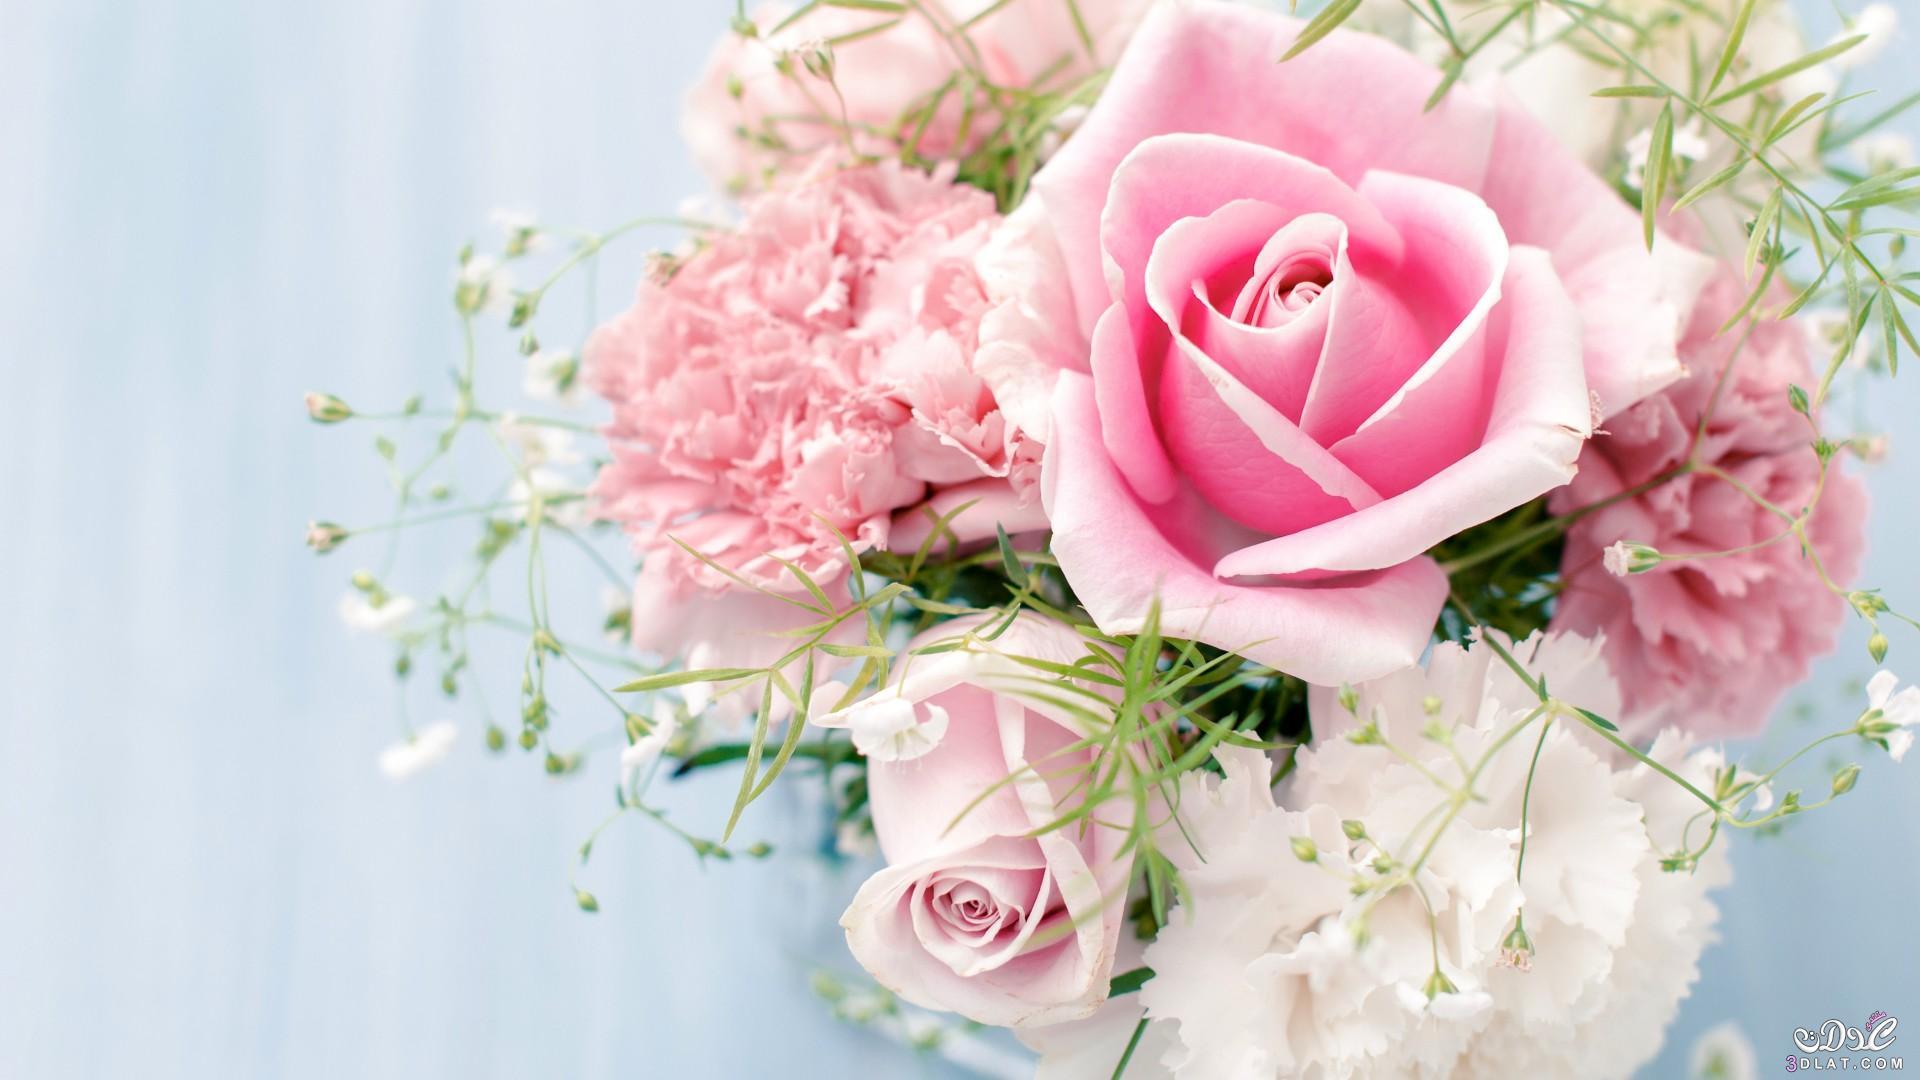 ولاية المسيلة، الولاية رقم 28 في التقسيم الإداري. 3dlat.net_13_15_f846_Roses-flowers-34758604-1920-1080